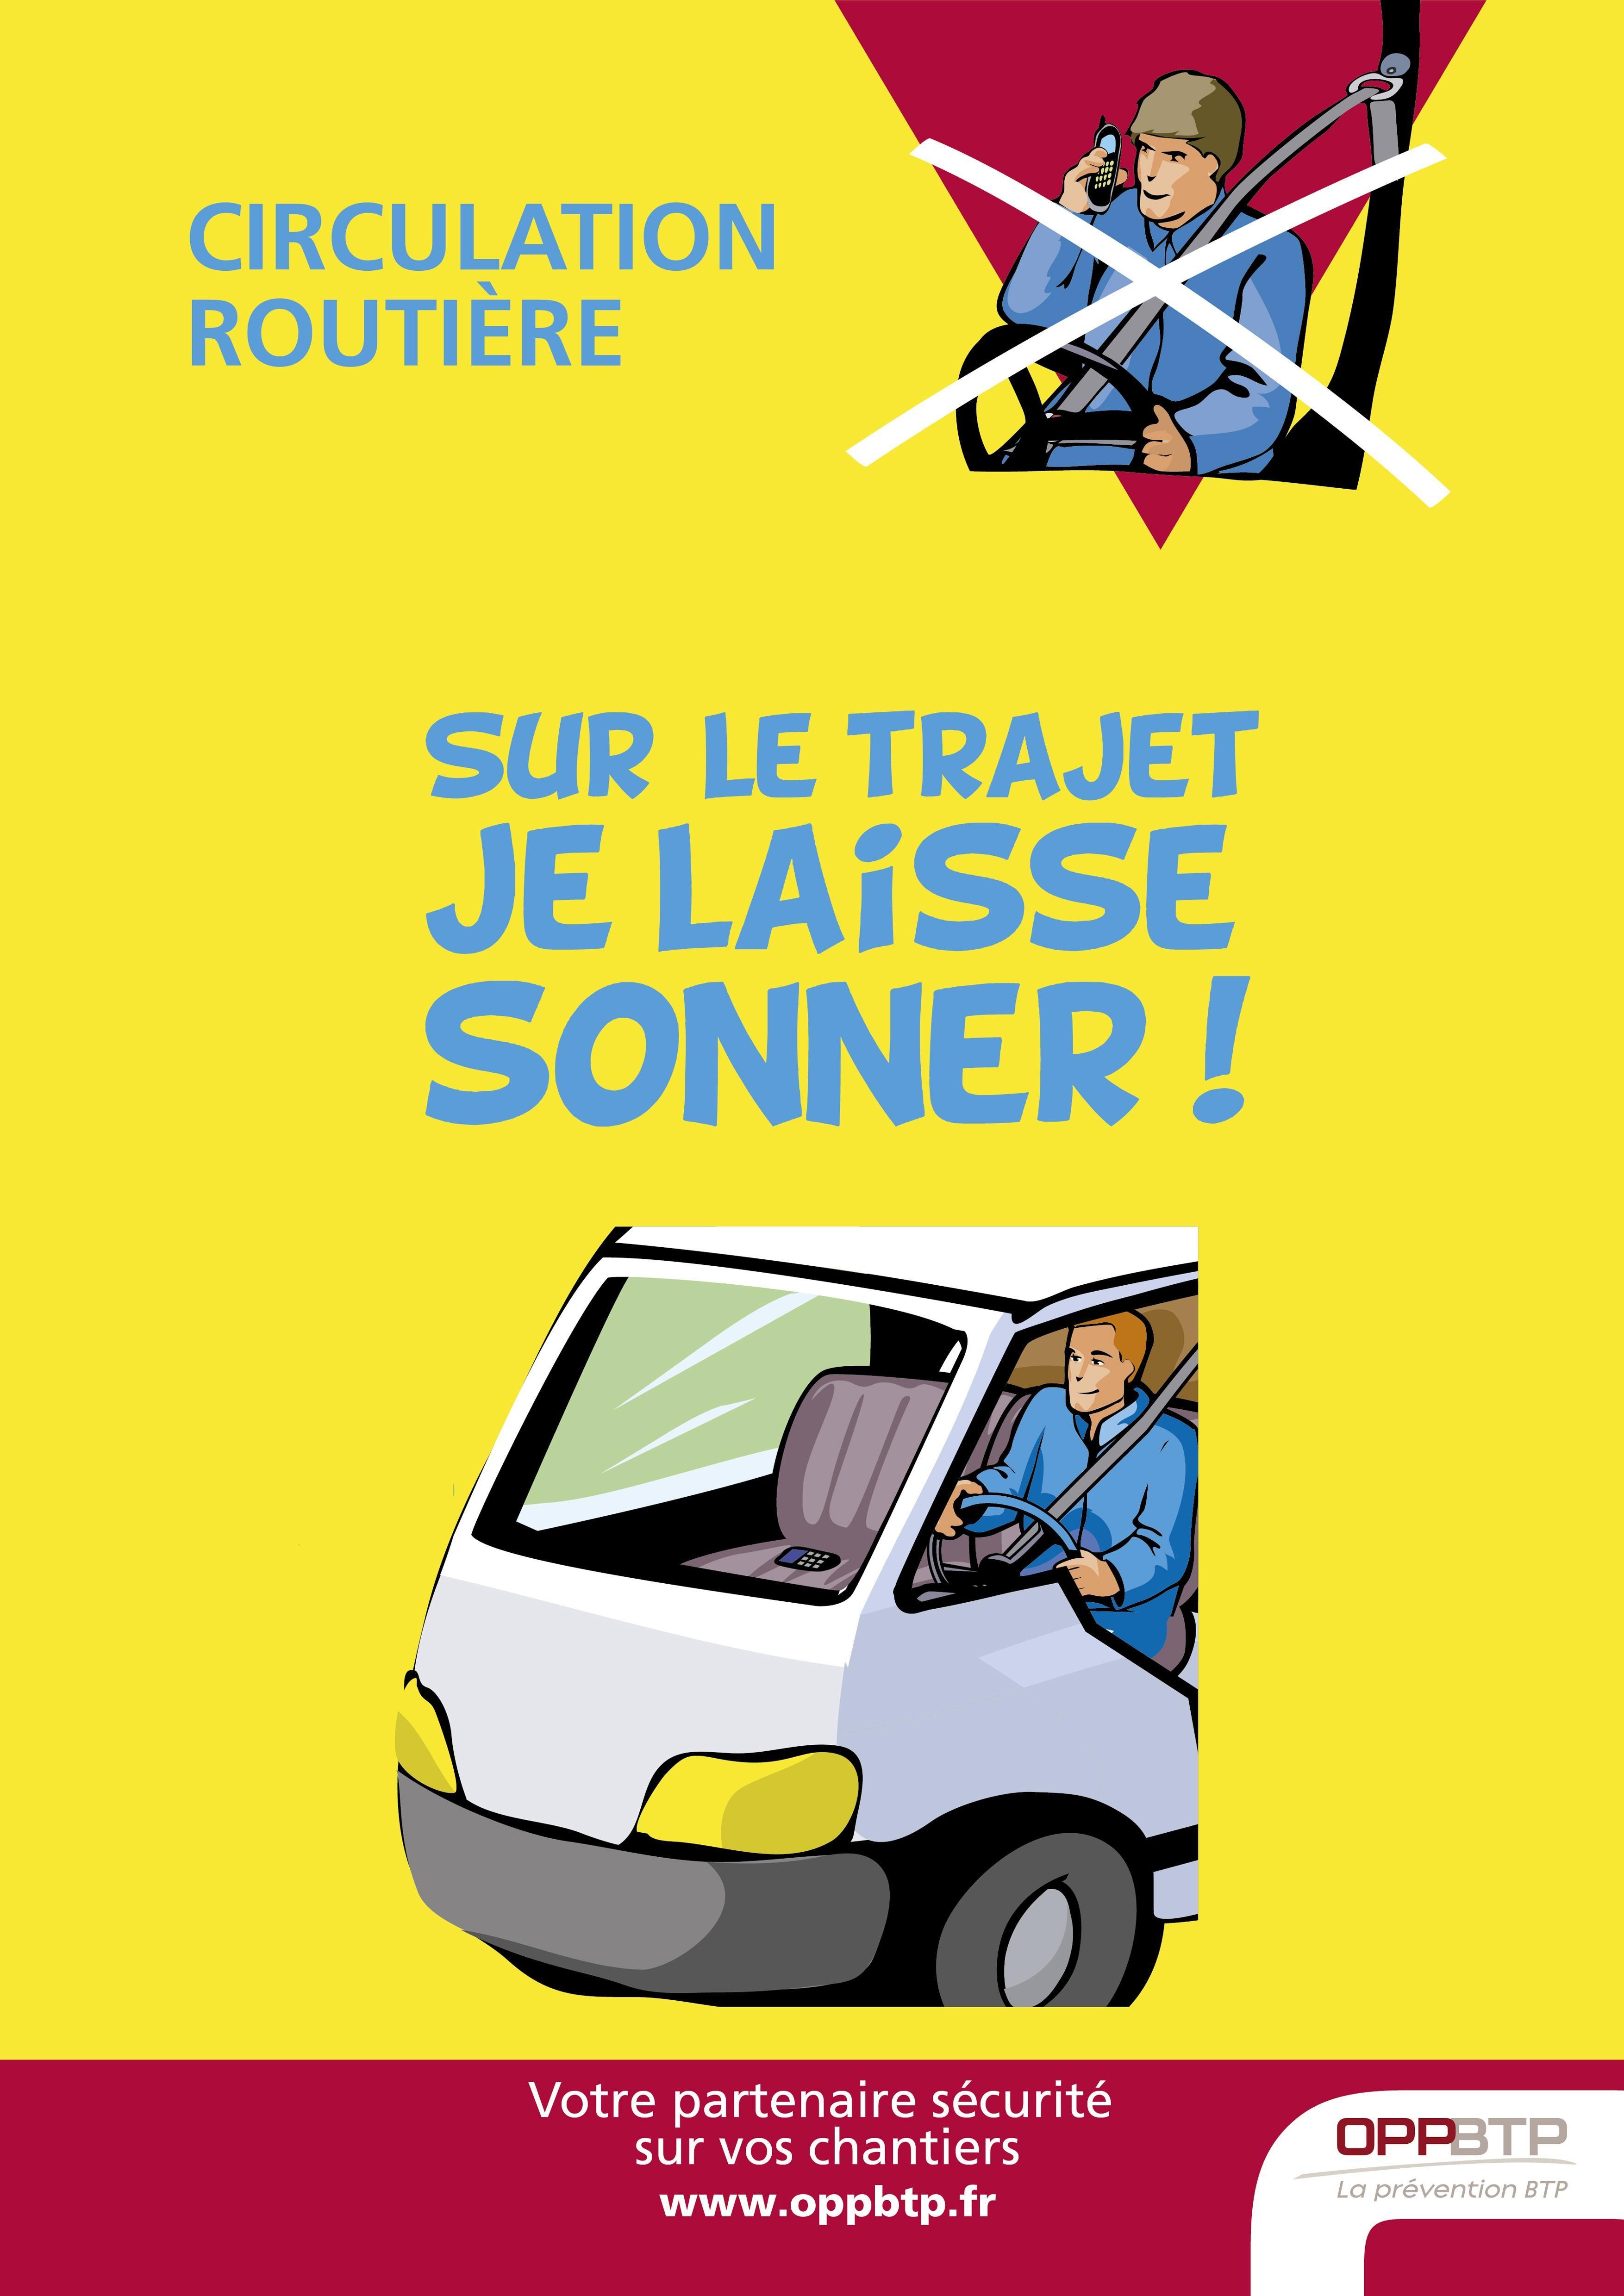 Circulation routiere Santé et sécurité, Santé et